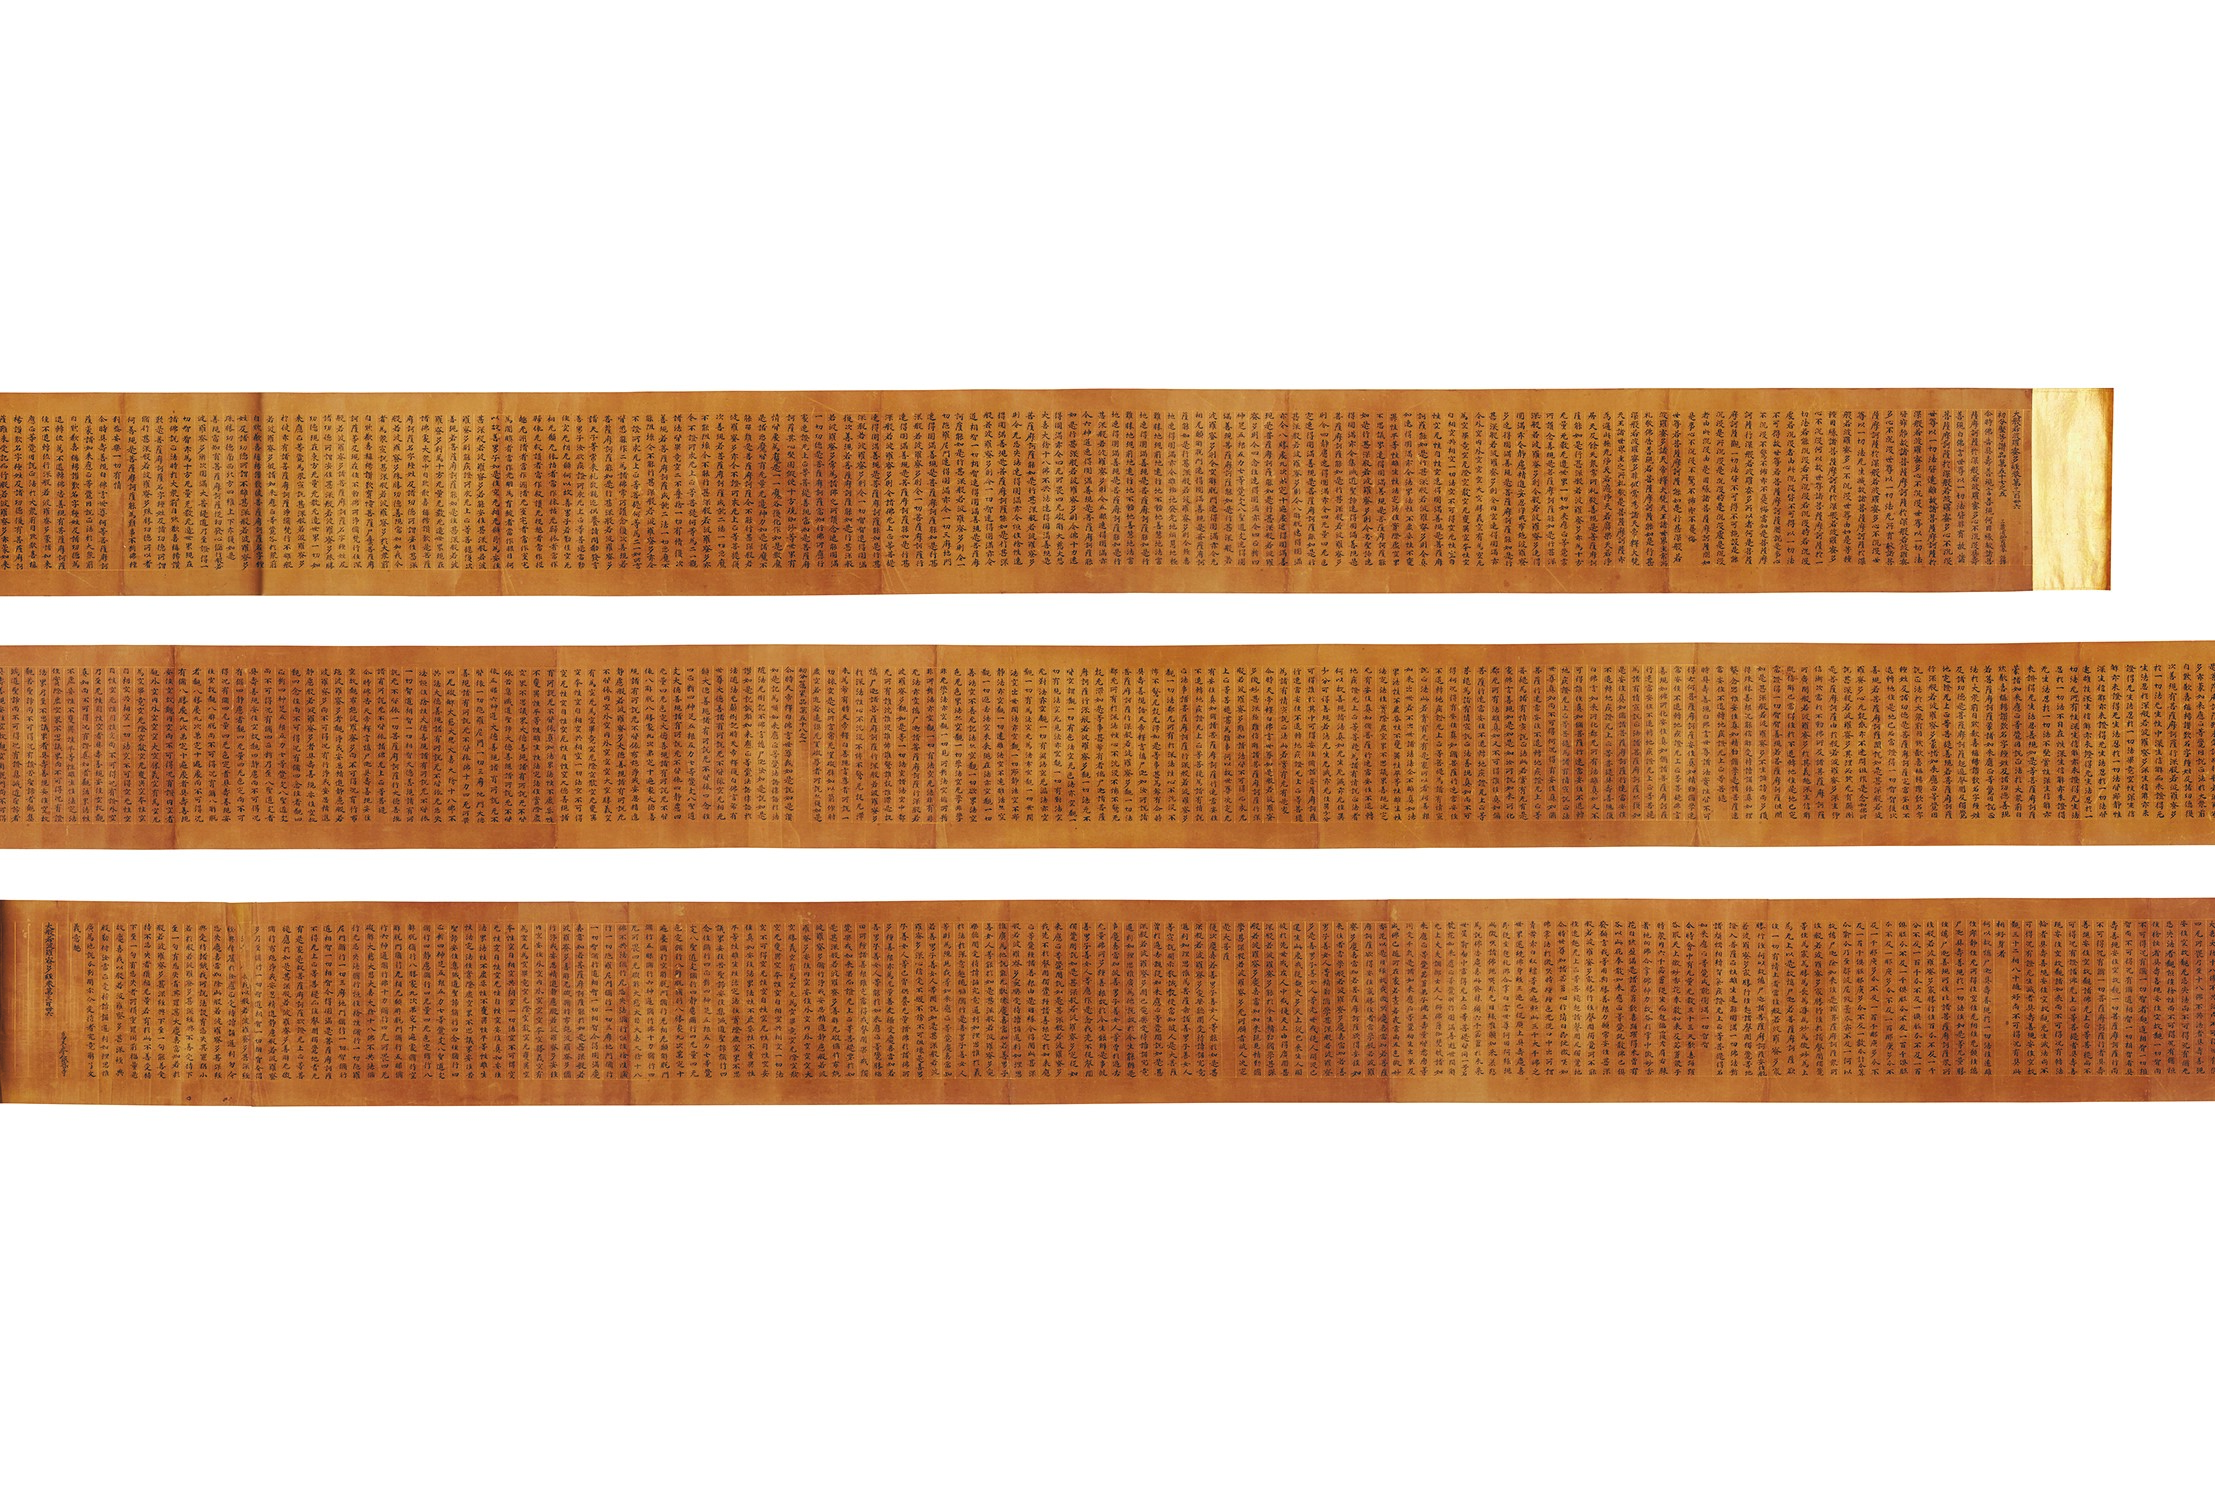 170224唐 大般若波羅蜜多経 第三百四十六26×857cm